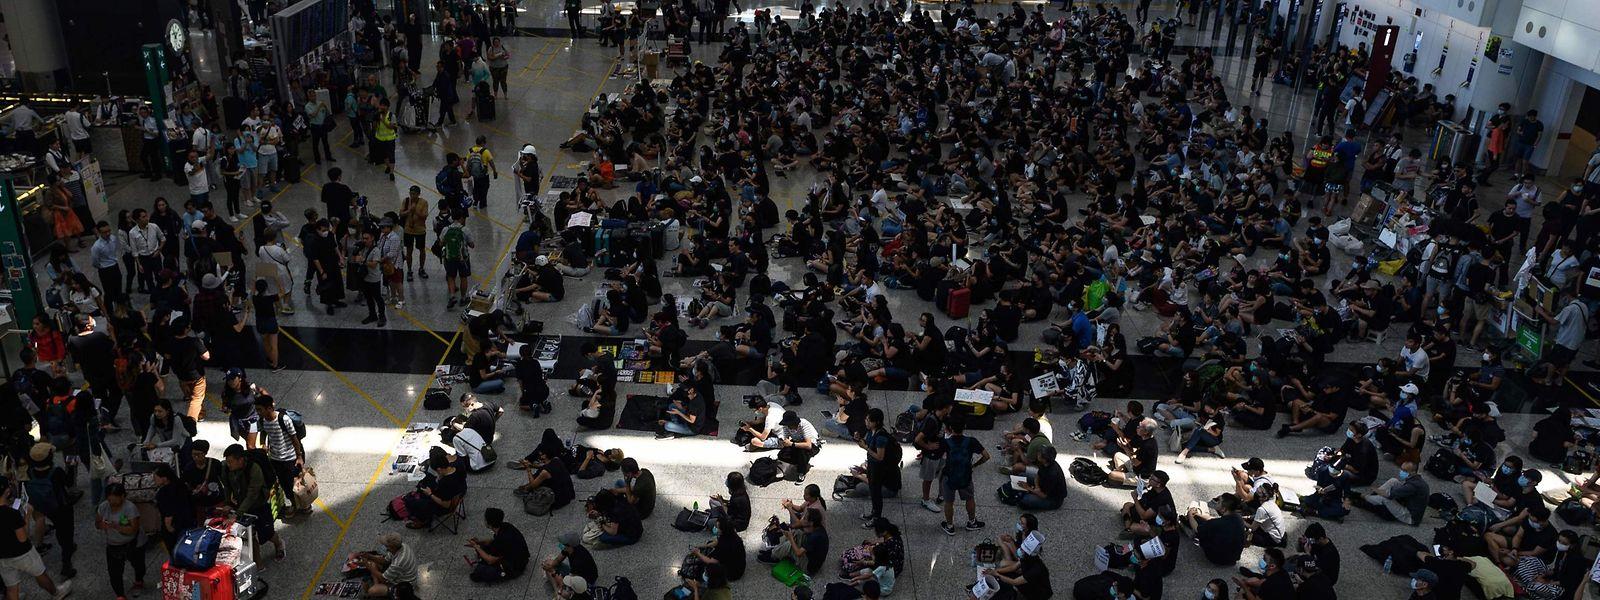 Des centaines de manifestants ont amené, lundi, à la fermeture de l'aéroport de Hong Kong. Le 8e aéoroport du monde en termes de passagers.